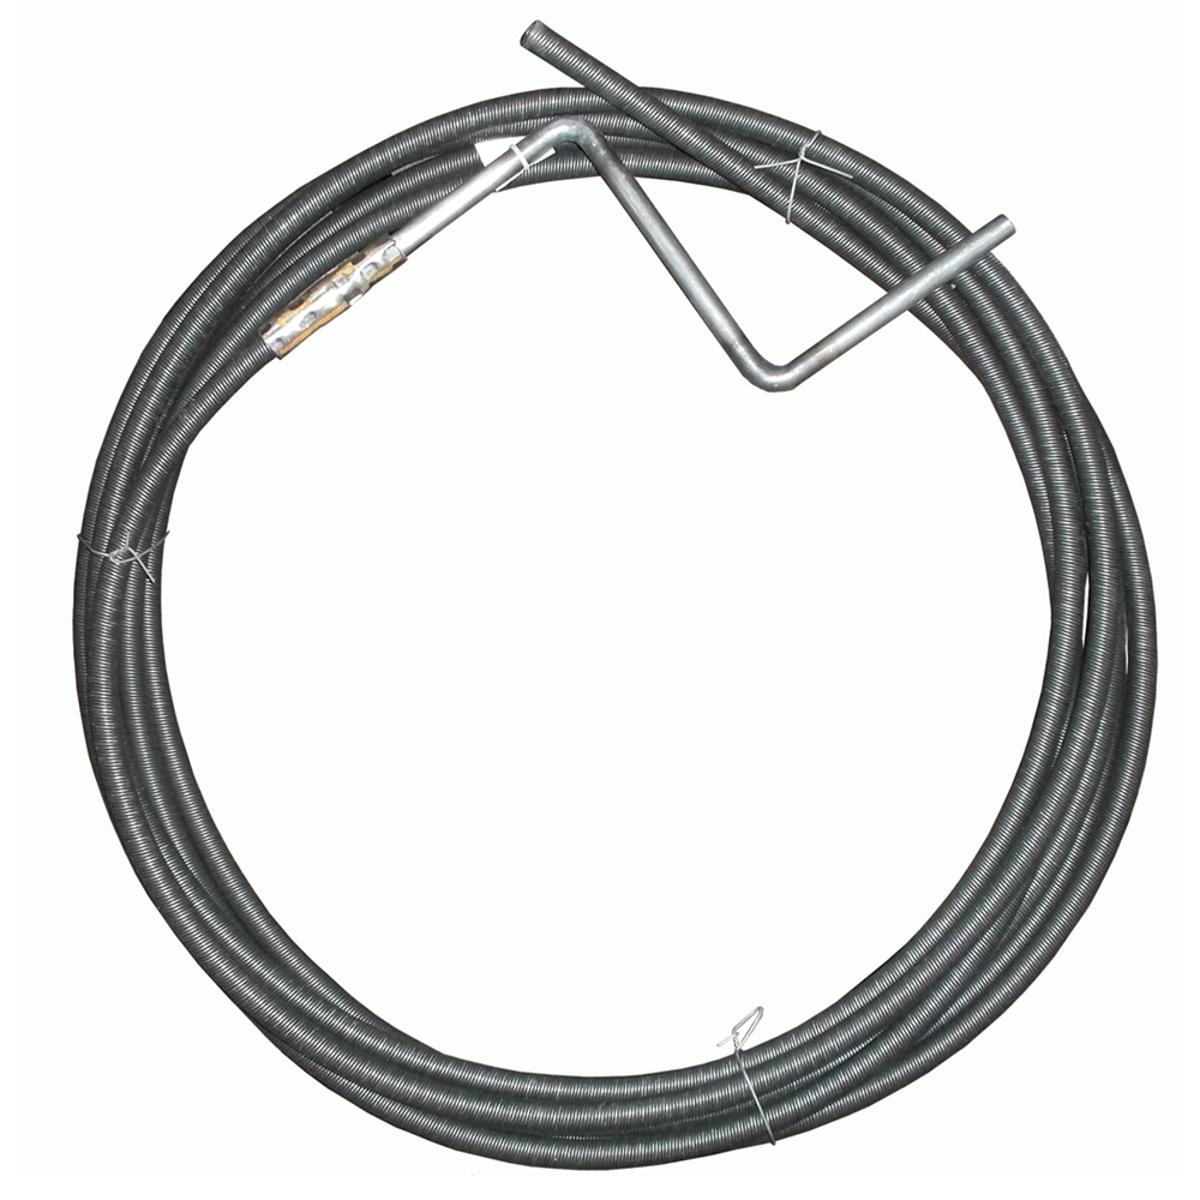 Трос пружинный для прочистки канализационных труб Masterprof, 6 мм х 5 м трос пружинный для прочистки канализационных труб masterprof 6 мм х 5 м